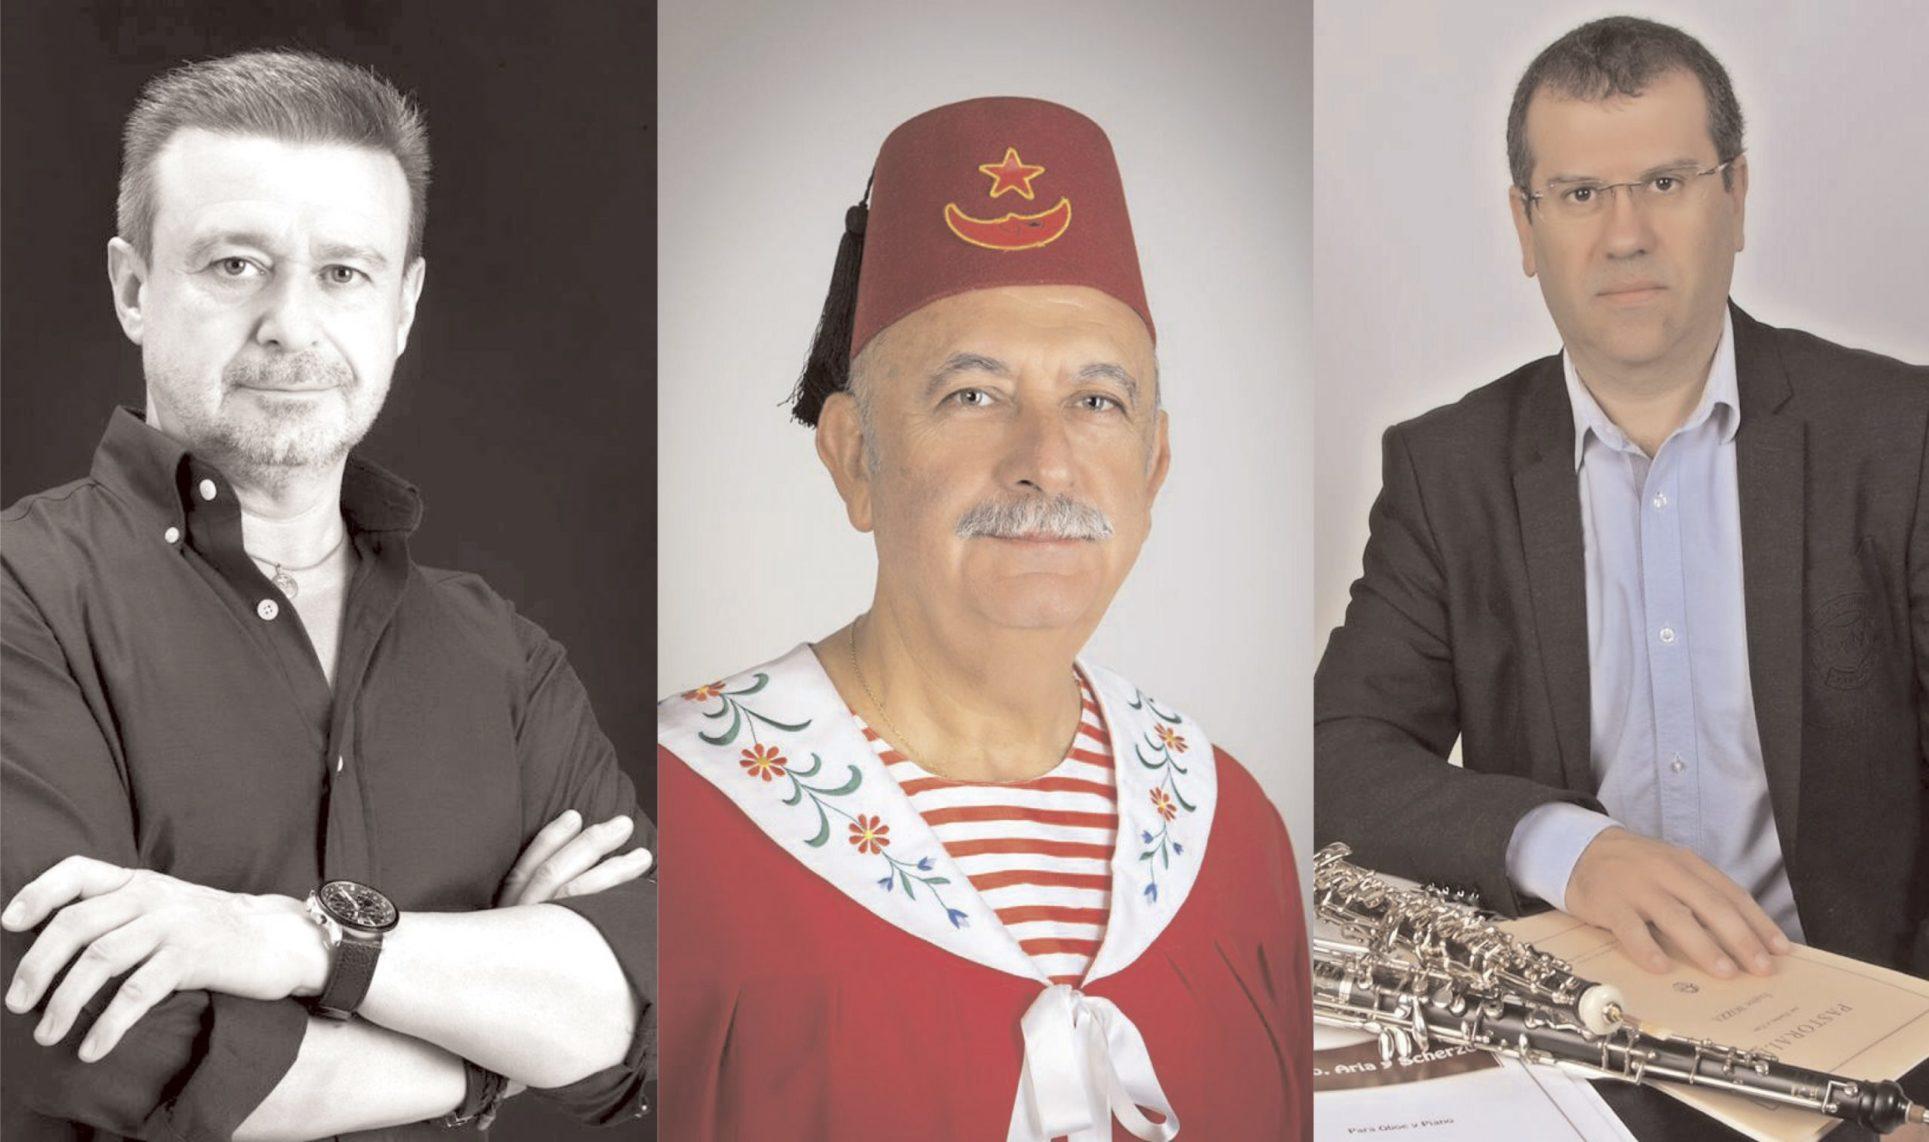 Rafa Torró, Vicent Esparza i Jordi Soler, protagonistes de la festa 2018 El Periòdic d'Ontinyent